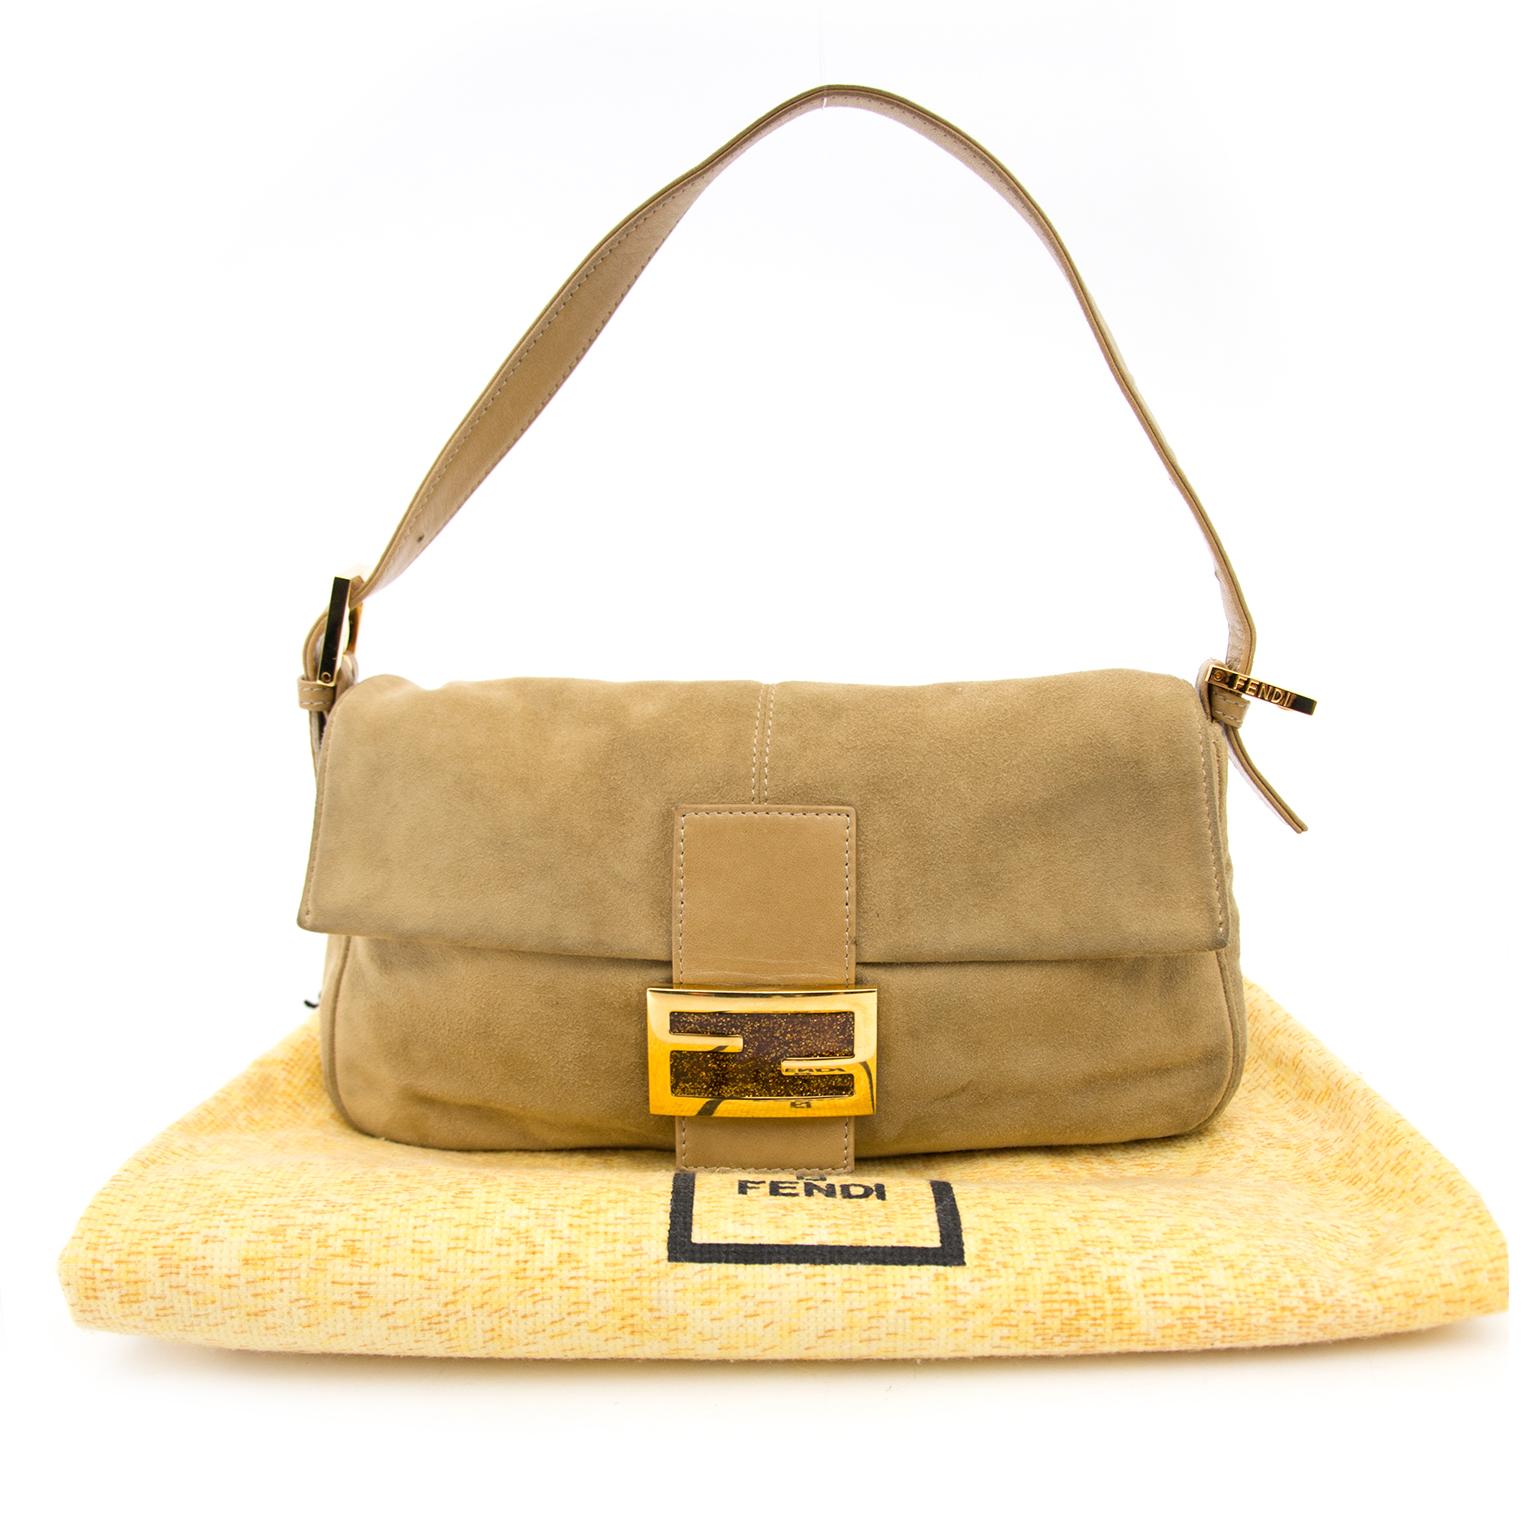 Acheter secur en ligne votre sac Fendi Gold Suede Baguette pour le meilleur prix